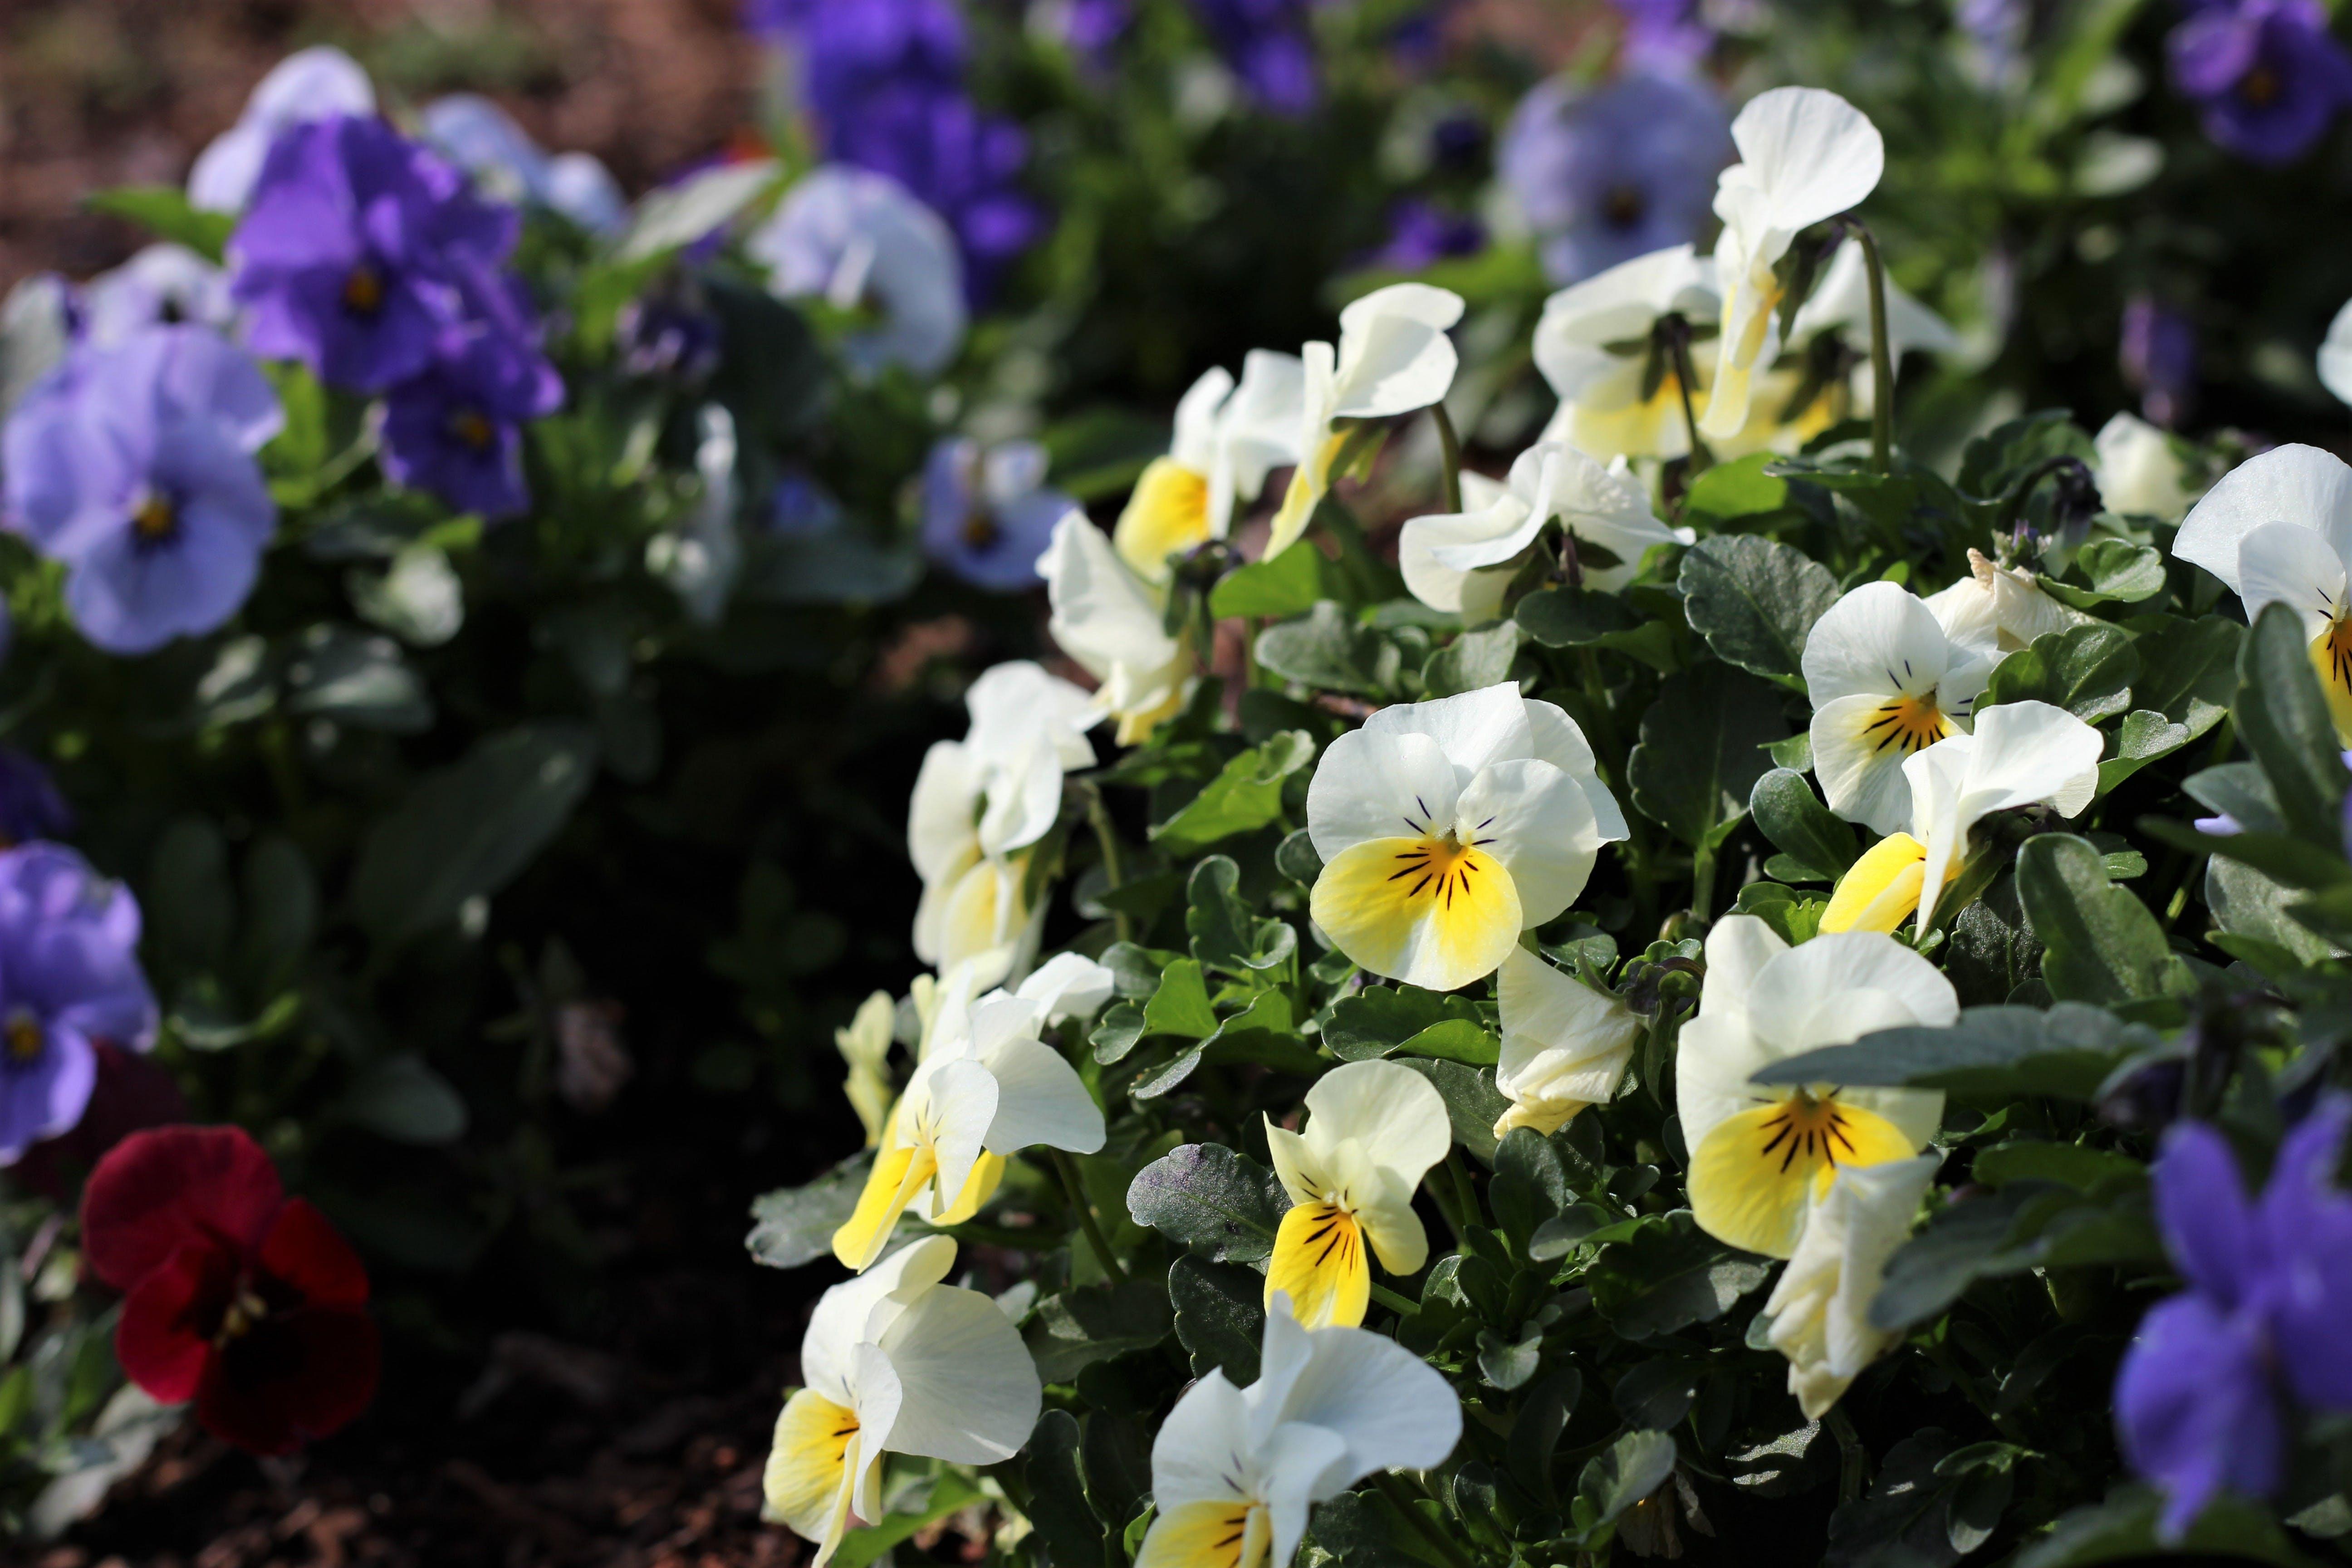 Δωρεάν στοκ φωτογραφιών με βοτανικός κήπος, κήπος, κίτρινα άνθη, λουλούδια